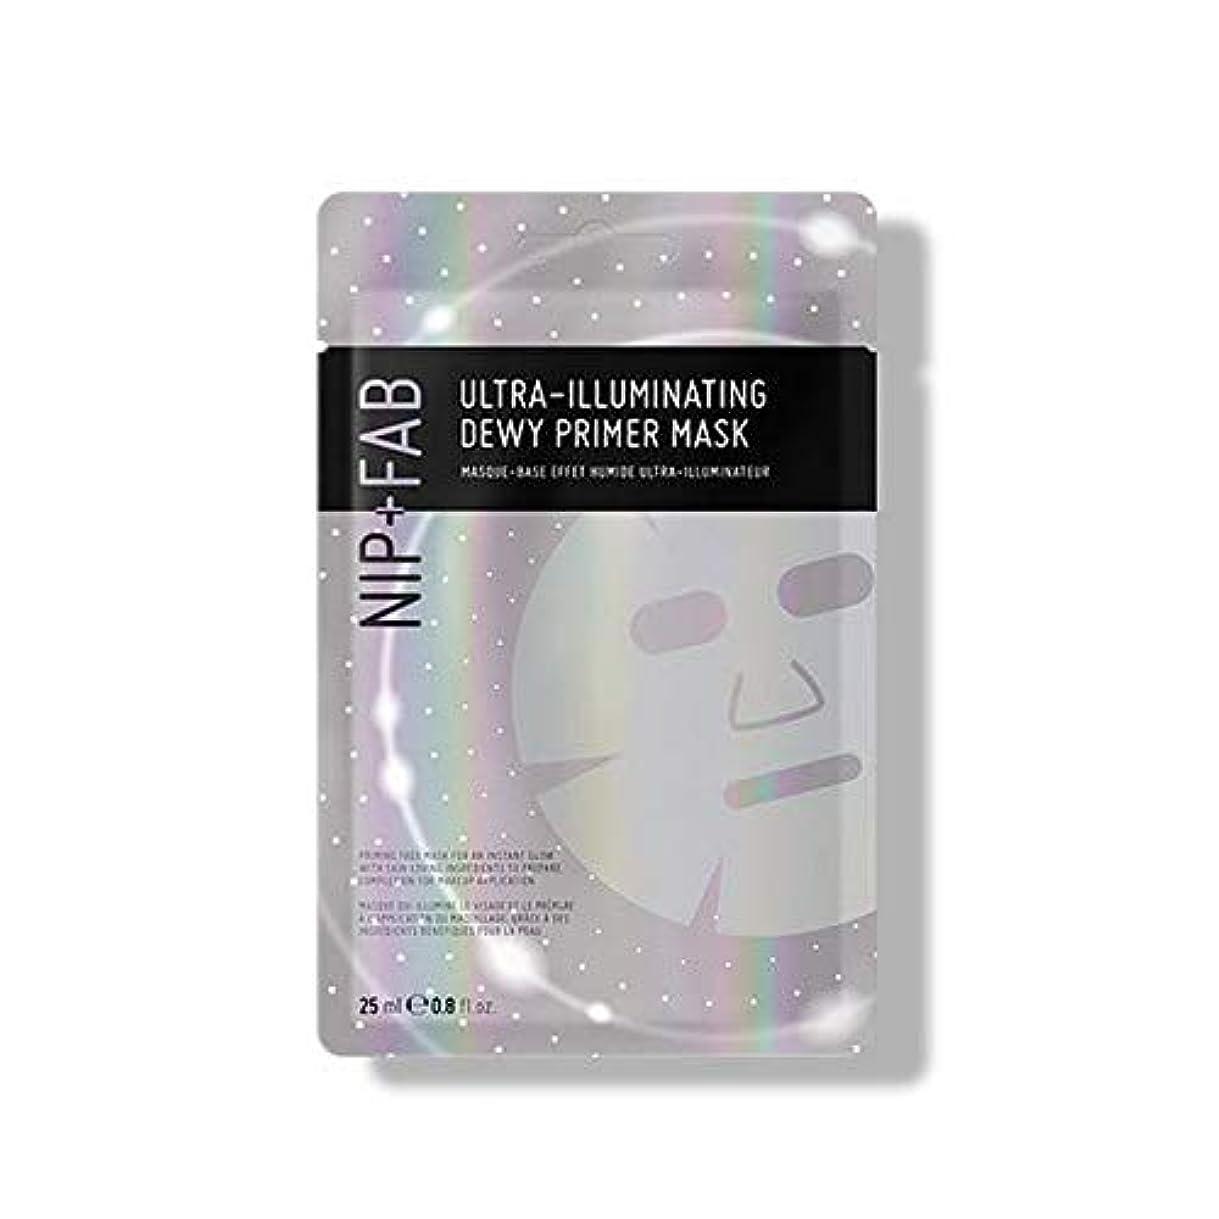 厳密に発行パッド[Nip & Fab] 超照明結露プライマーマスク25ミリリットルを作るFab +ニップ - NIP+FAB Make Up Ultra-Illuminating Dewy Primer Mask 25ml [並行輸入品]